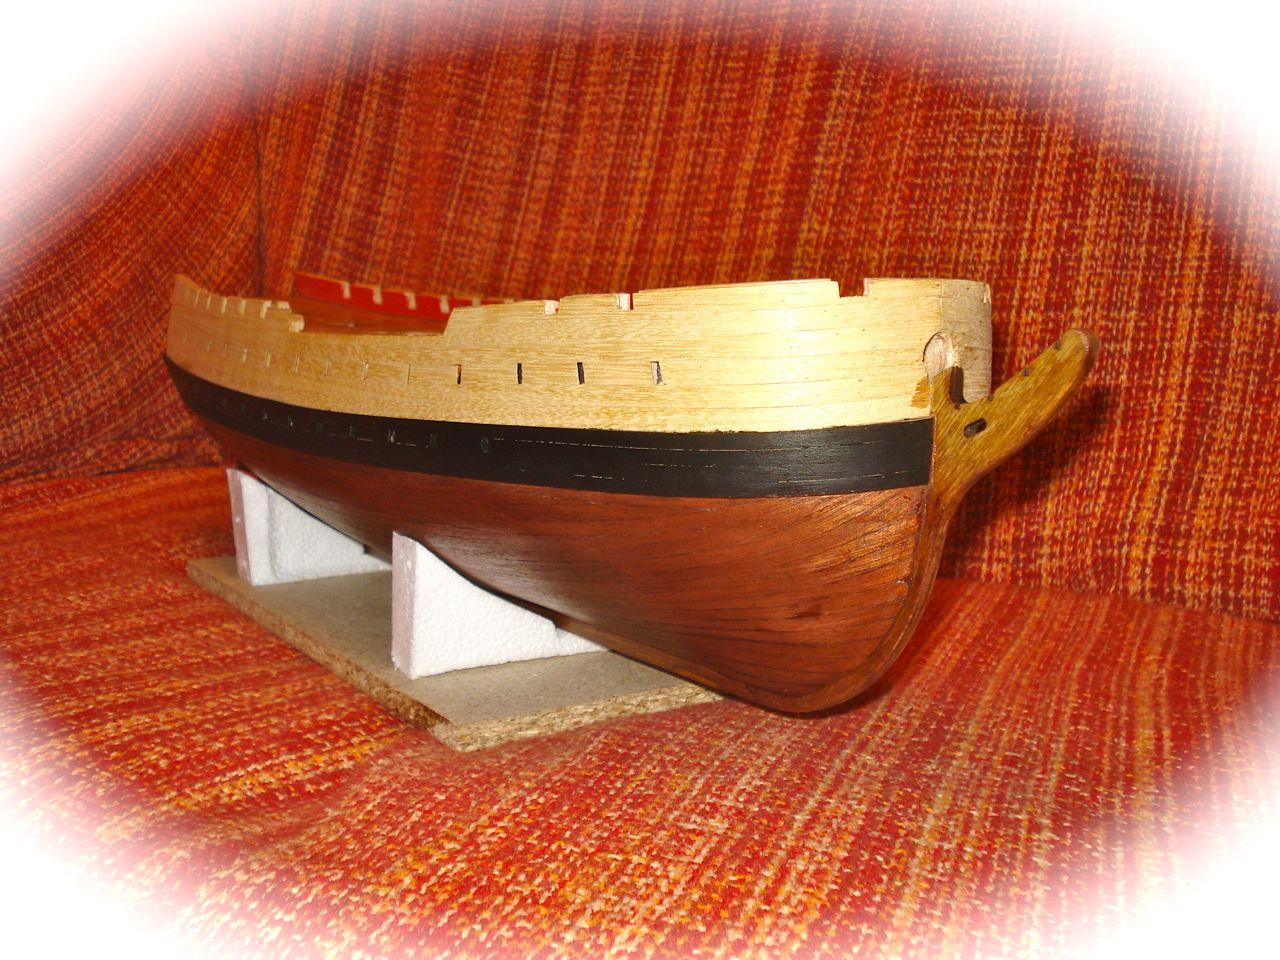 Construcción de la Fragata Diana X